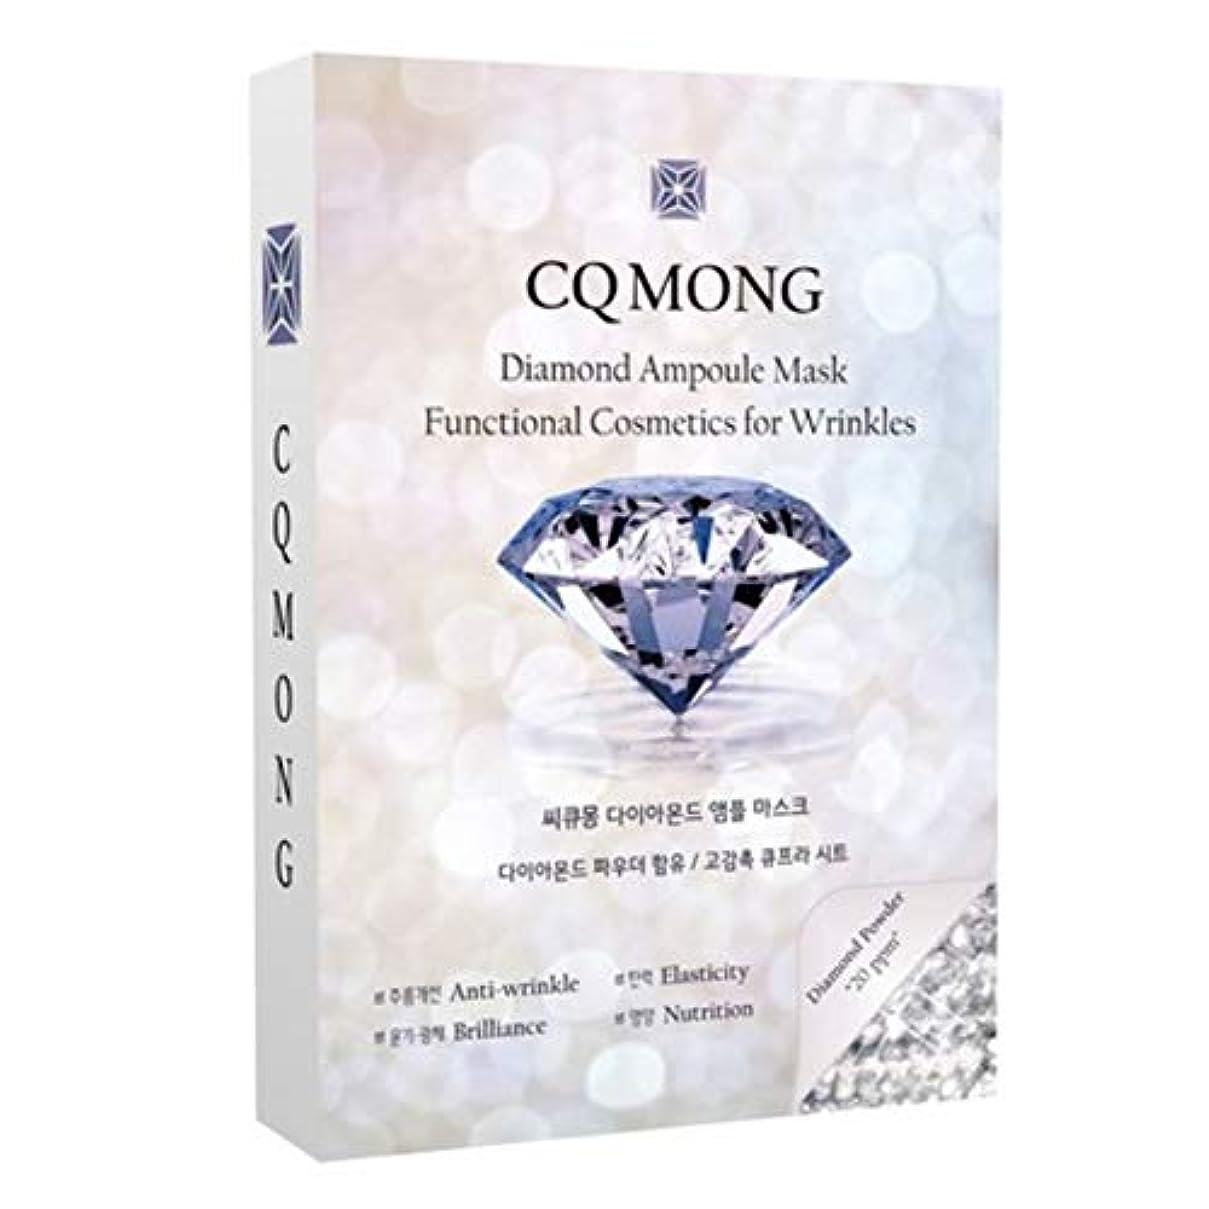 起きて理容室ポンドCQMONG Diamond ampoule Mask 男女共用 マスクパック 1ボックス(10枚)[海外直送品]